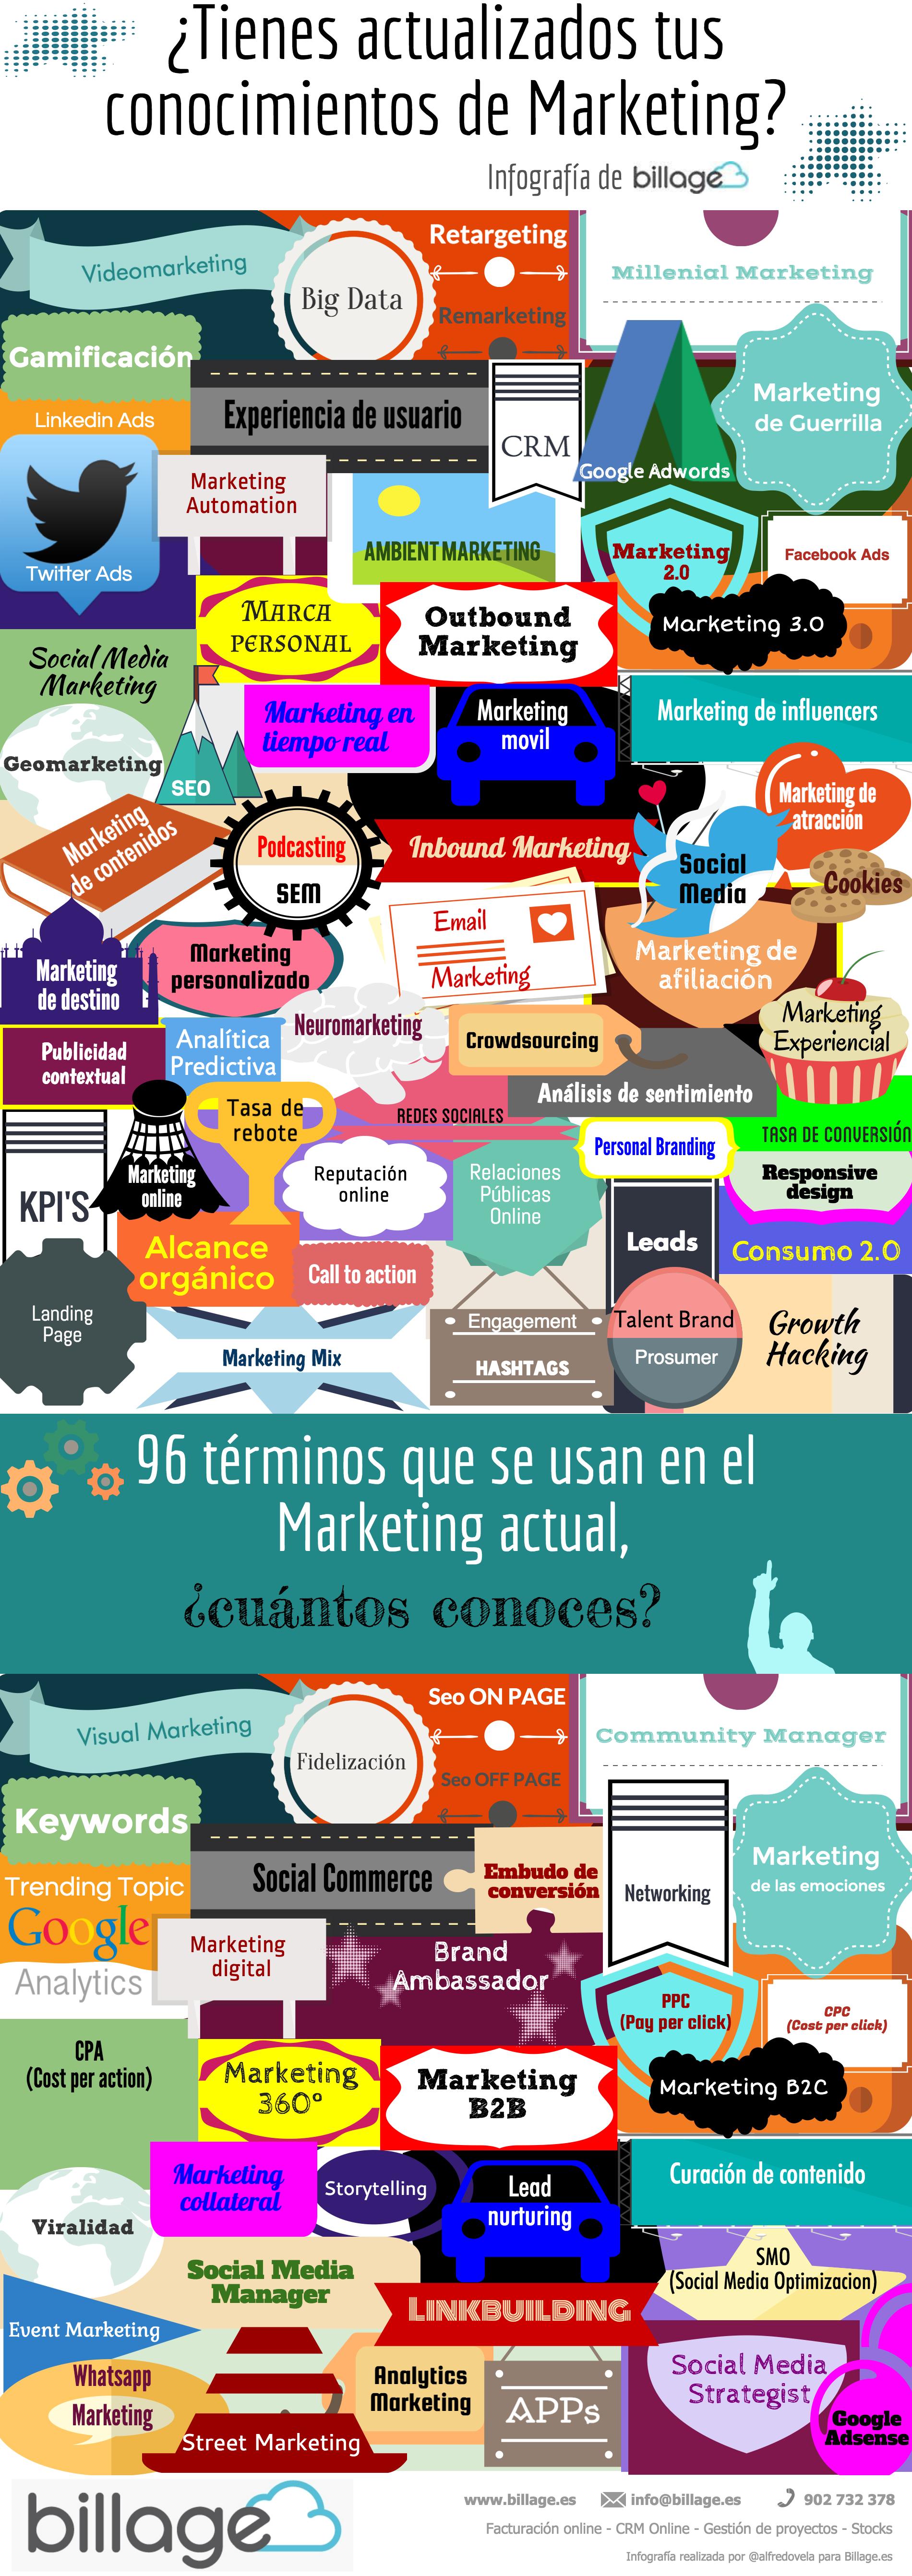 ¿Cuánto sabes del Marketing actual? 96 términos para comprobarlo